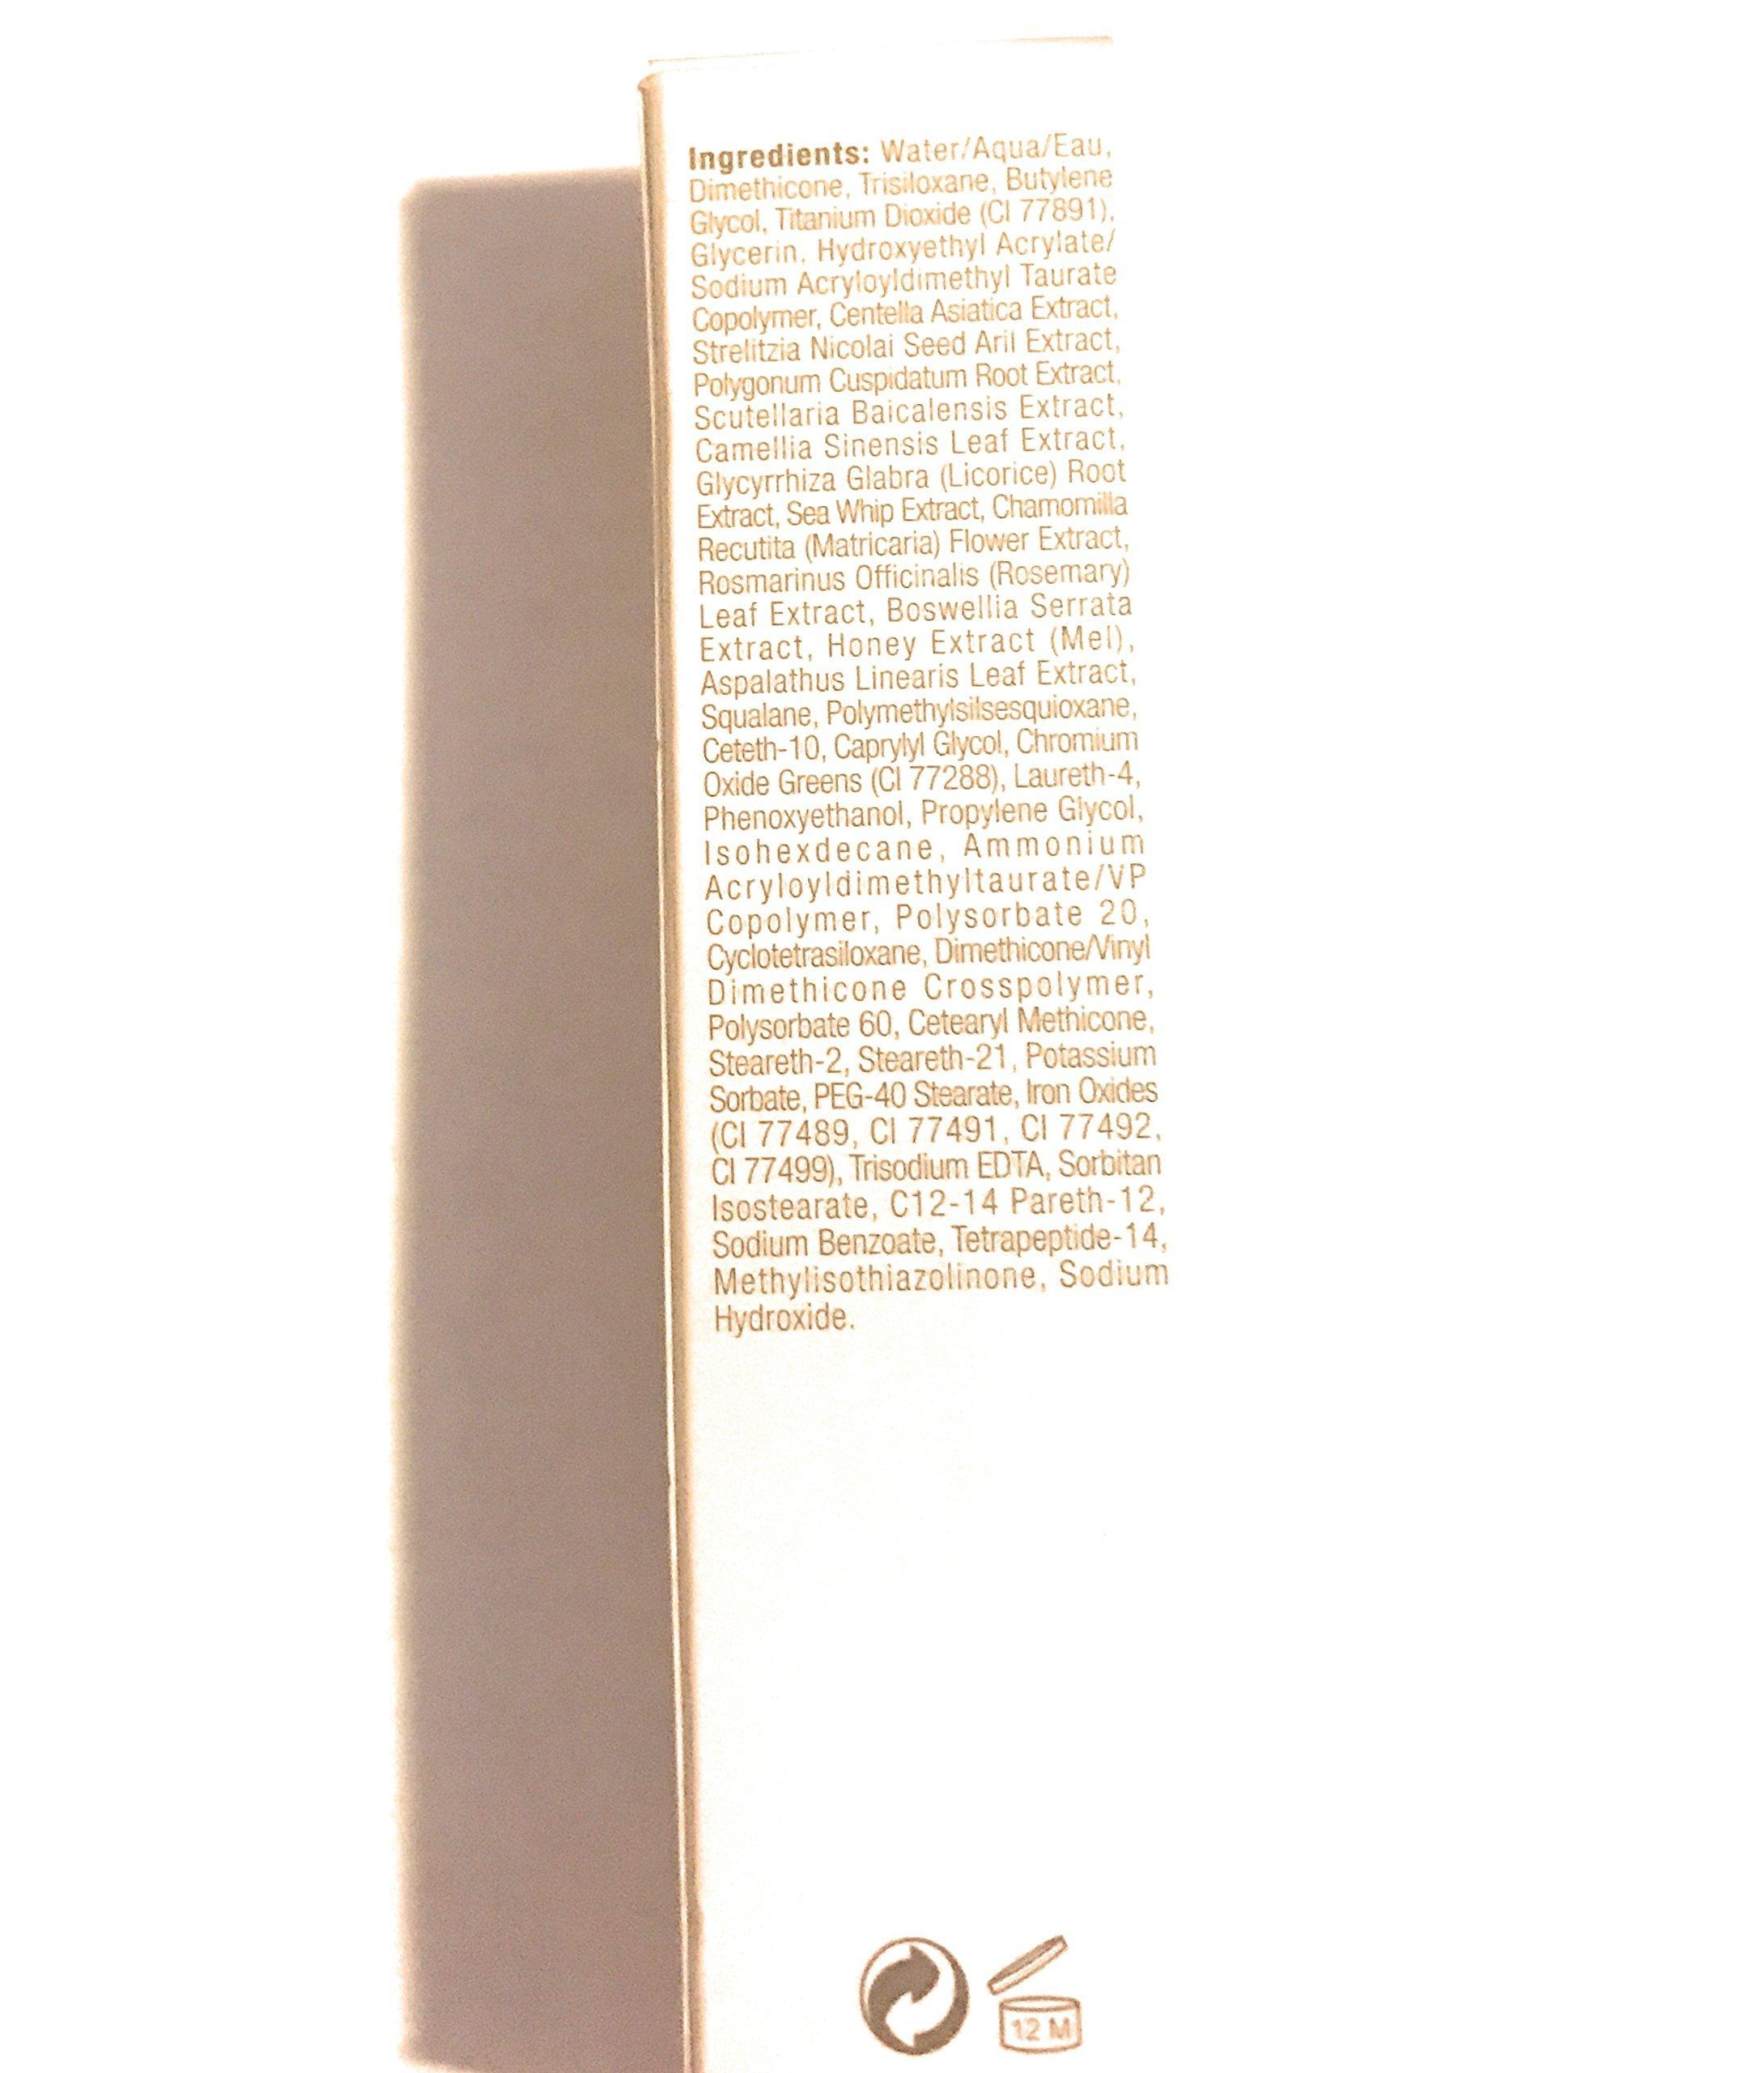 Merle Norman Anti - Redness Primer - Award winning #1 Best primer